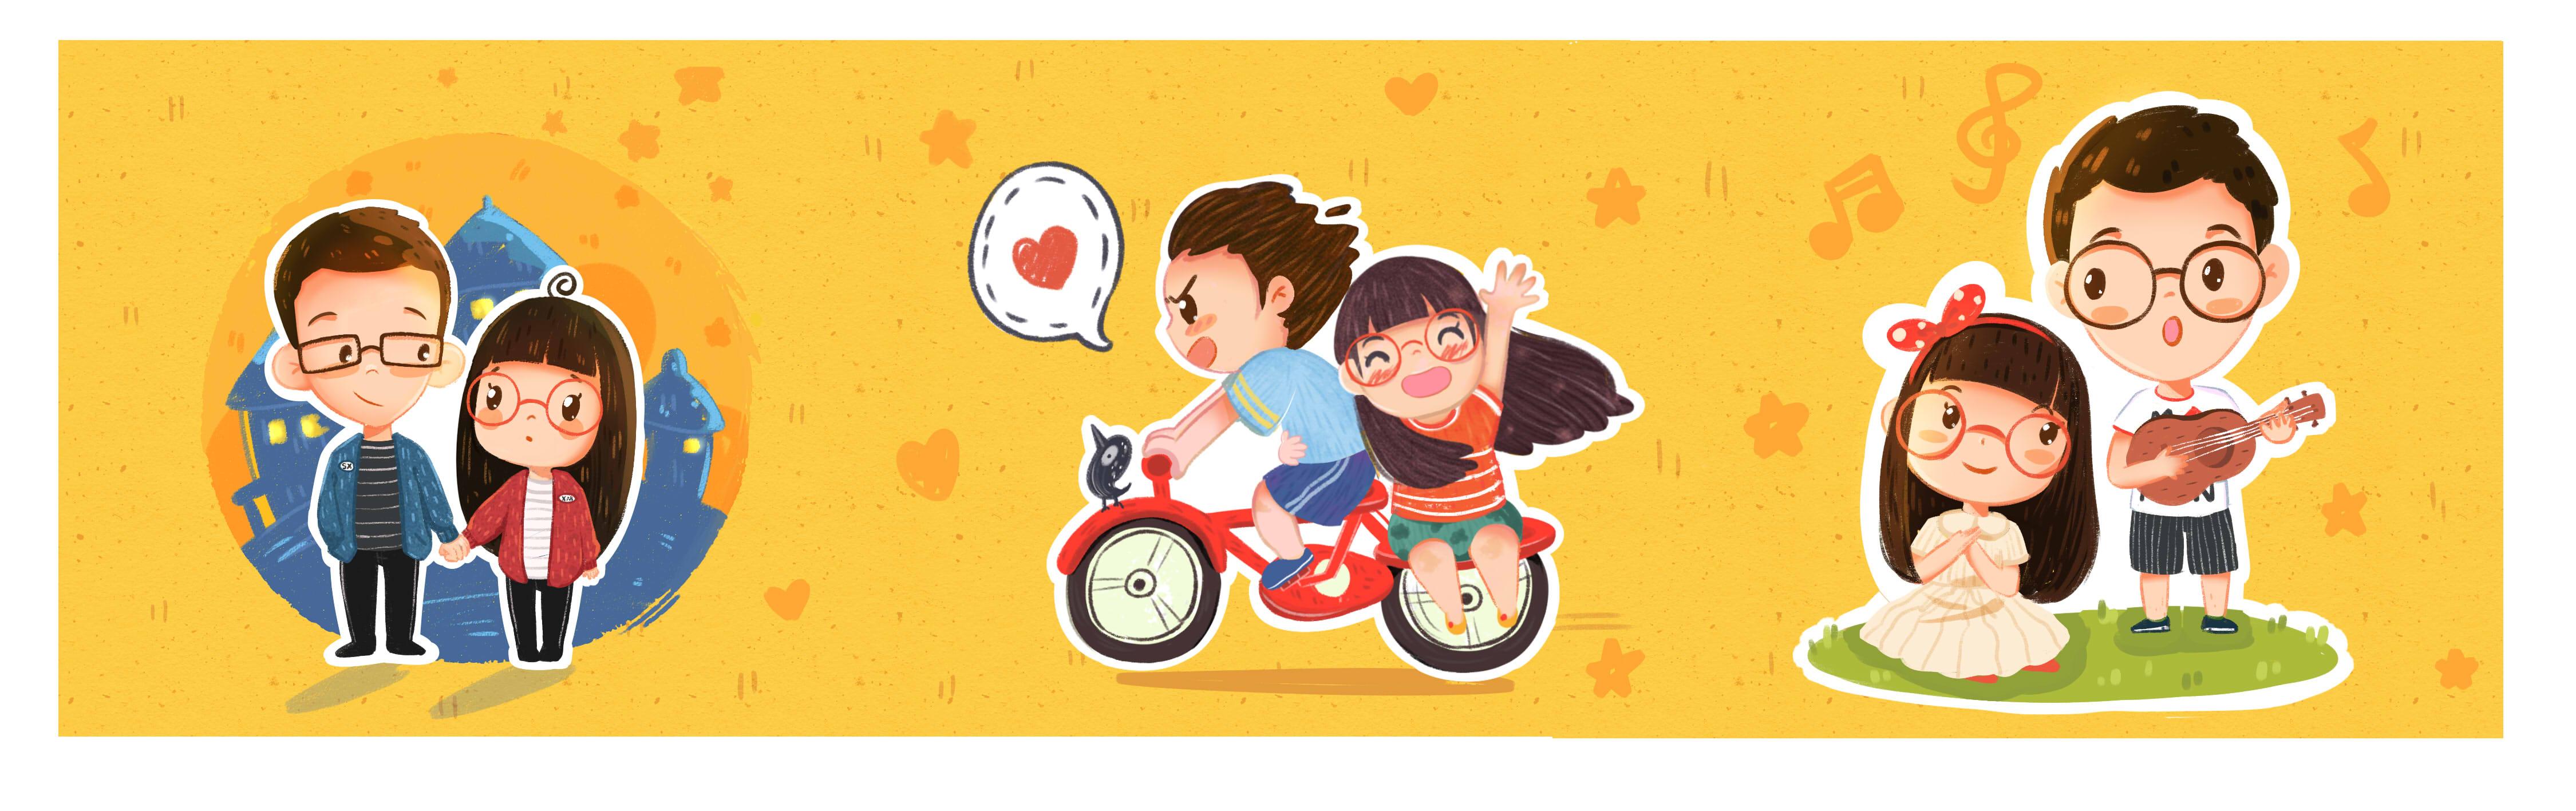 情侣系类|插画|商业插画|葡萄籽同学 - 原创作品图片